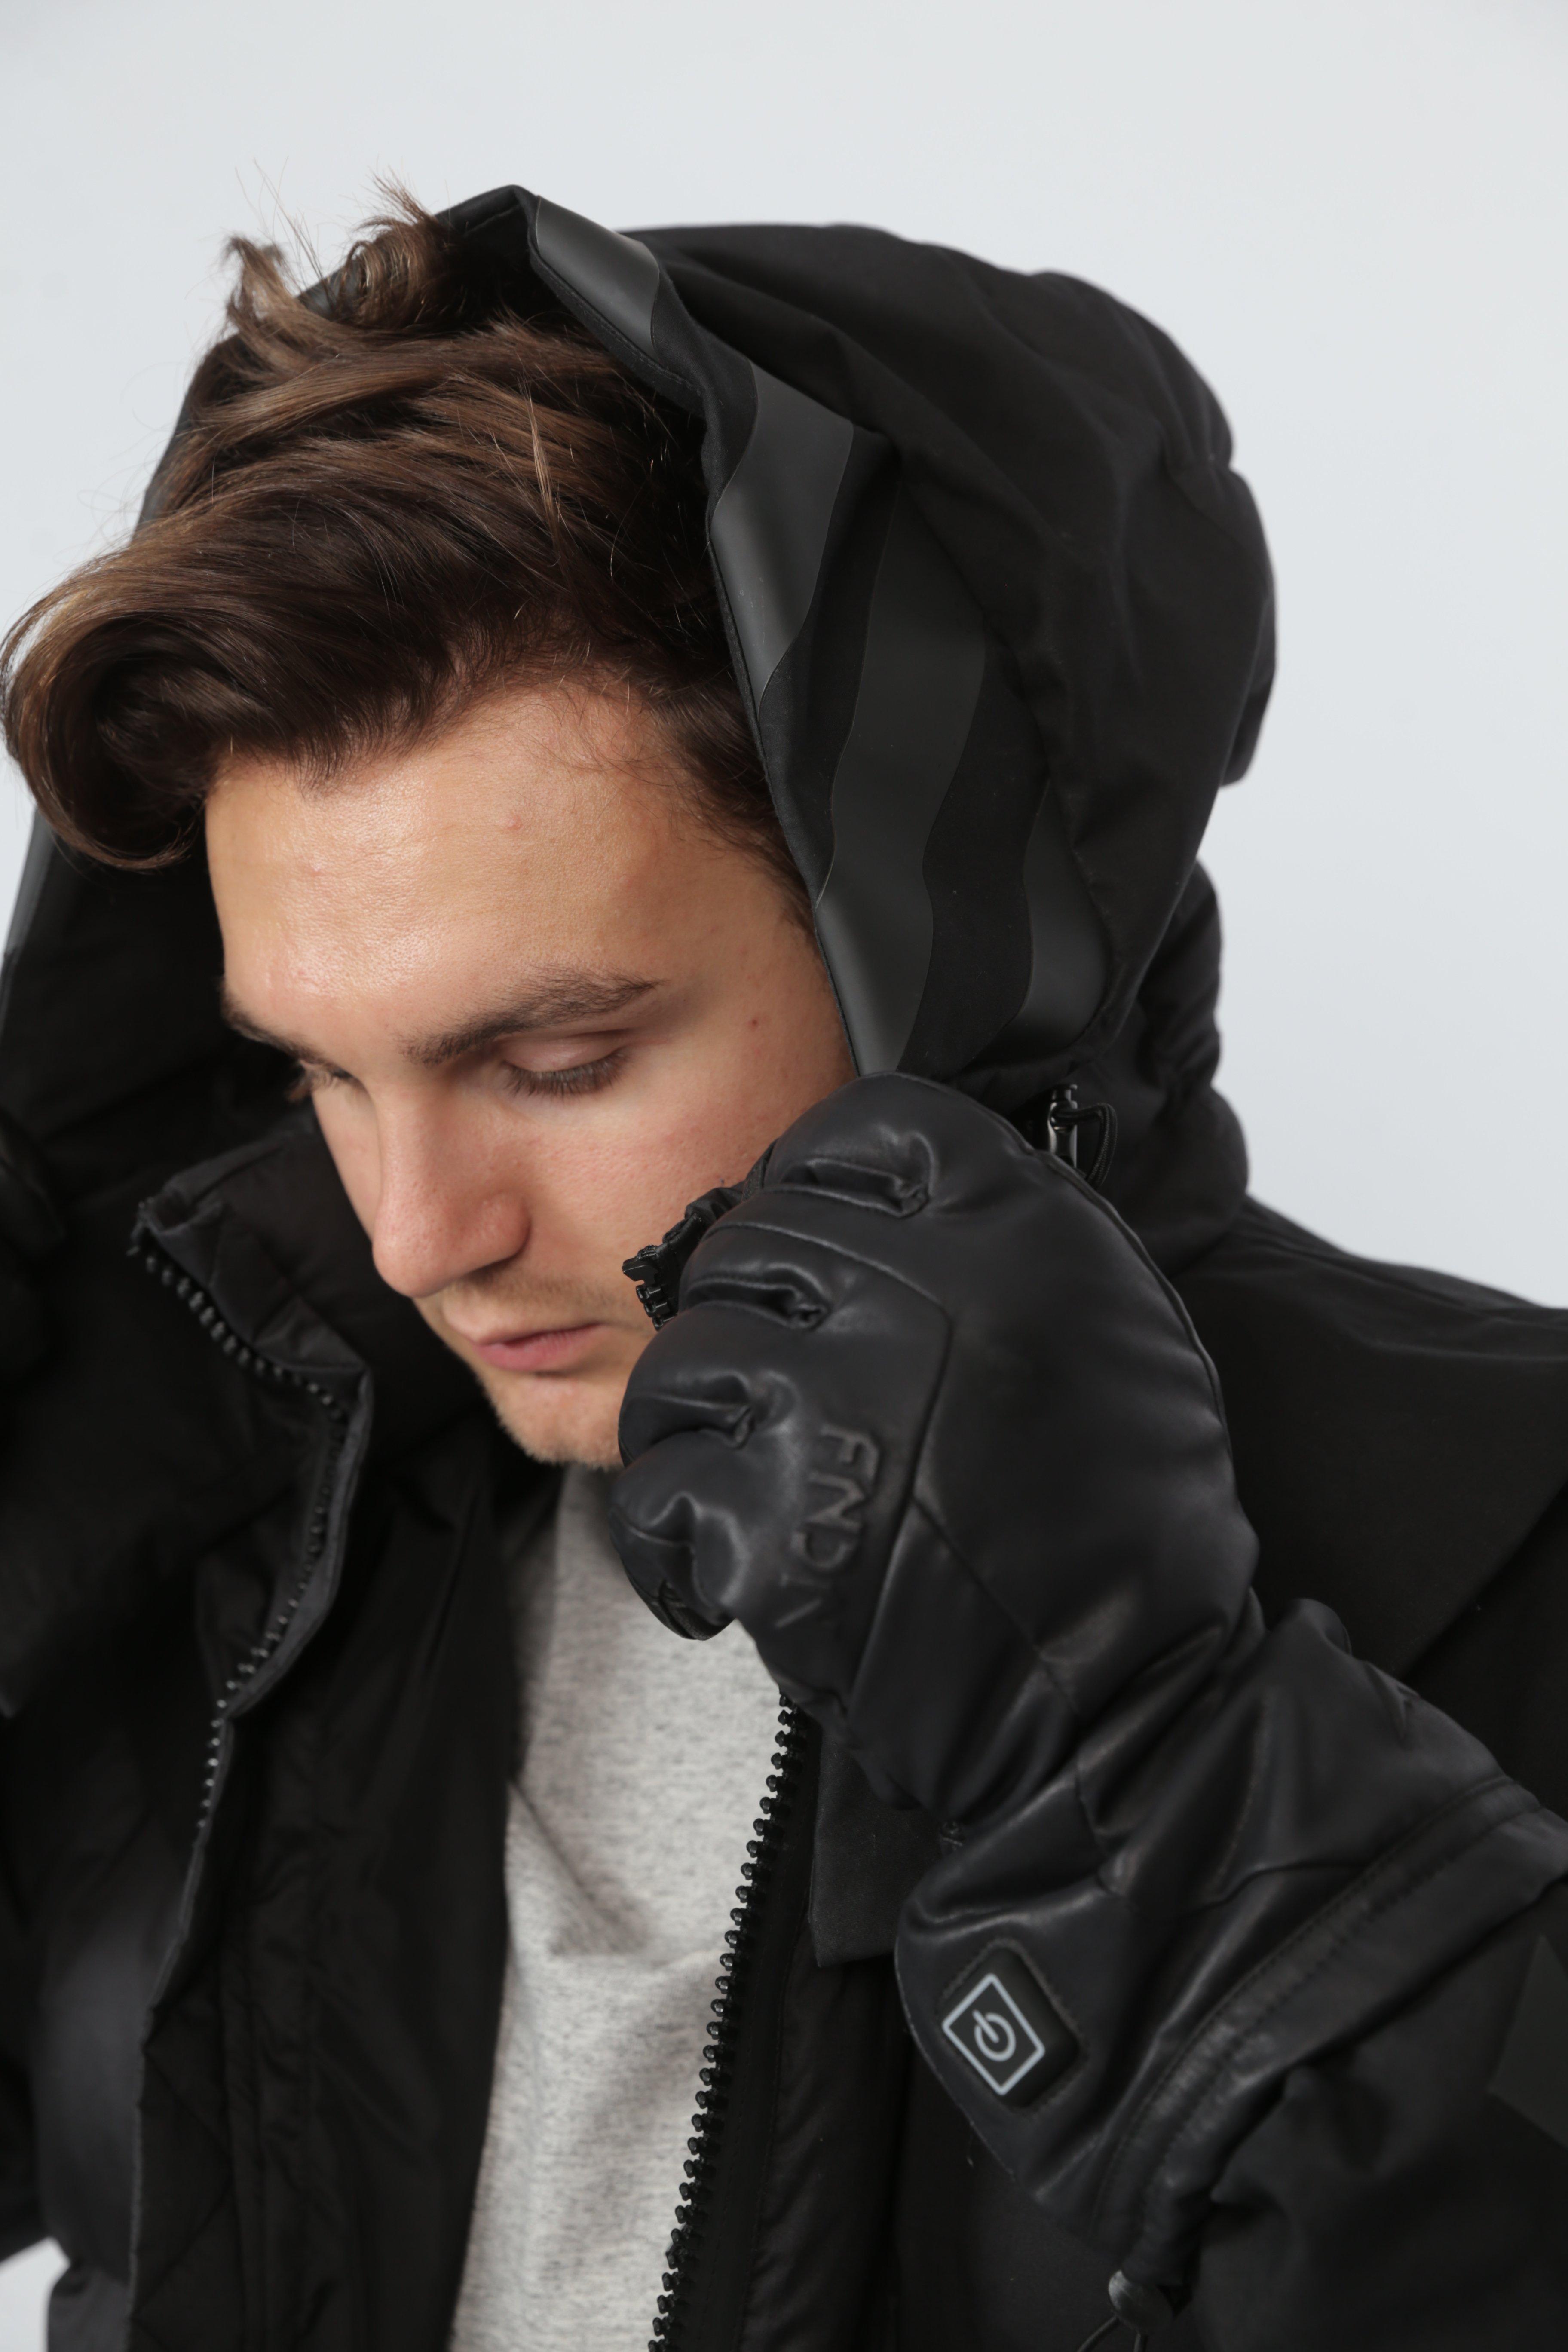 FNDN Snow Pro Heated Gloves